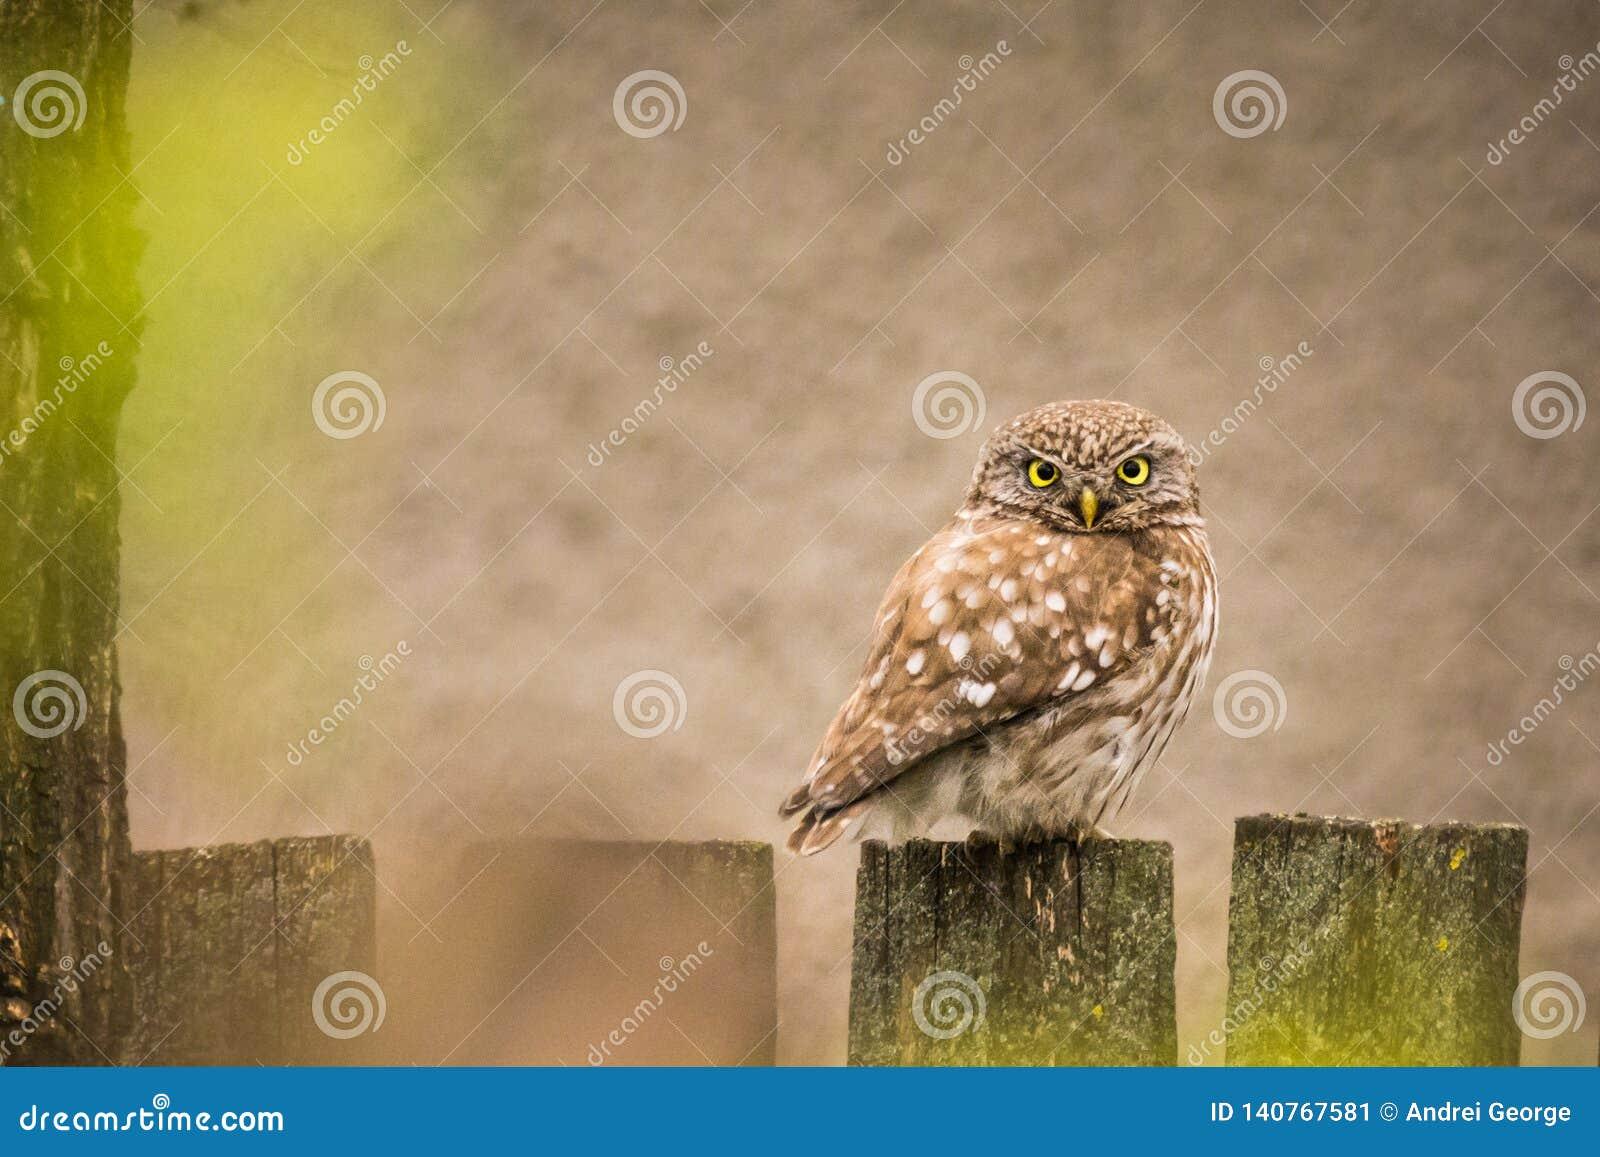 Djurliv - liten uggla på ett staket